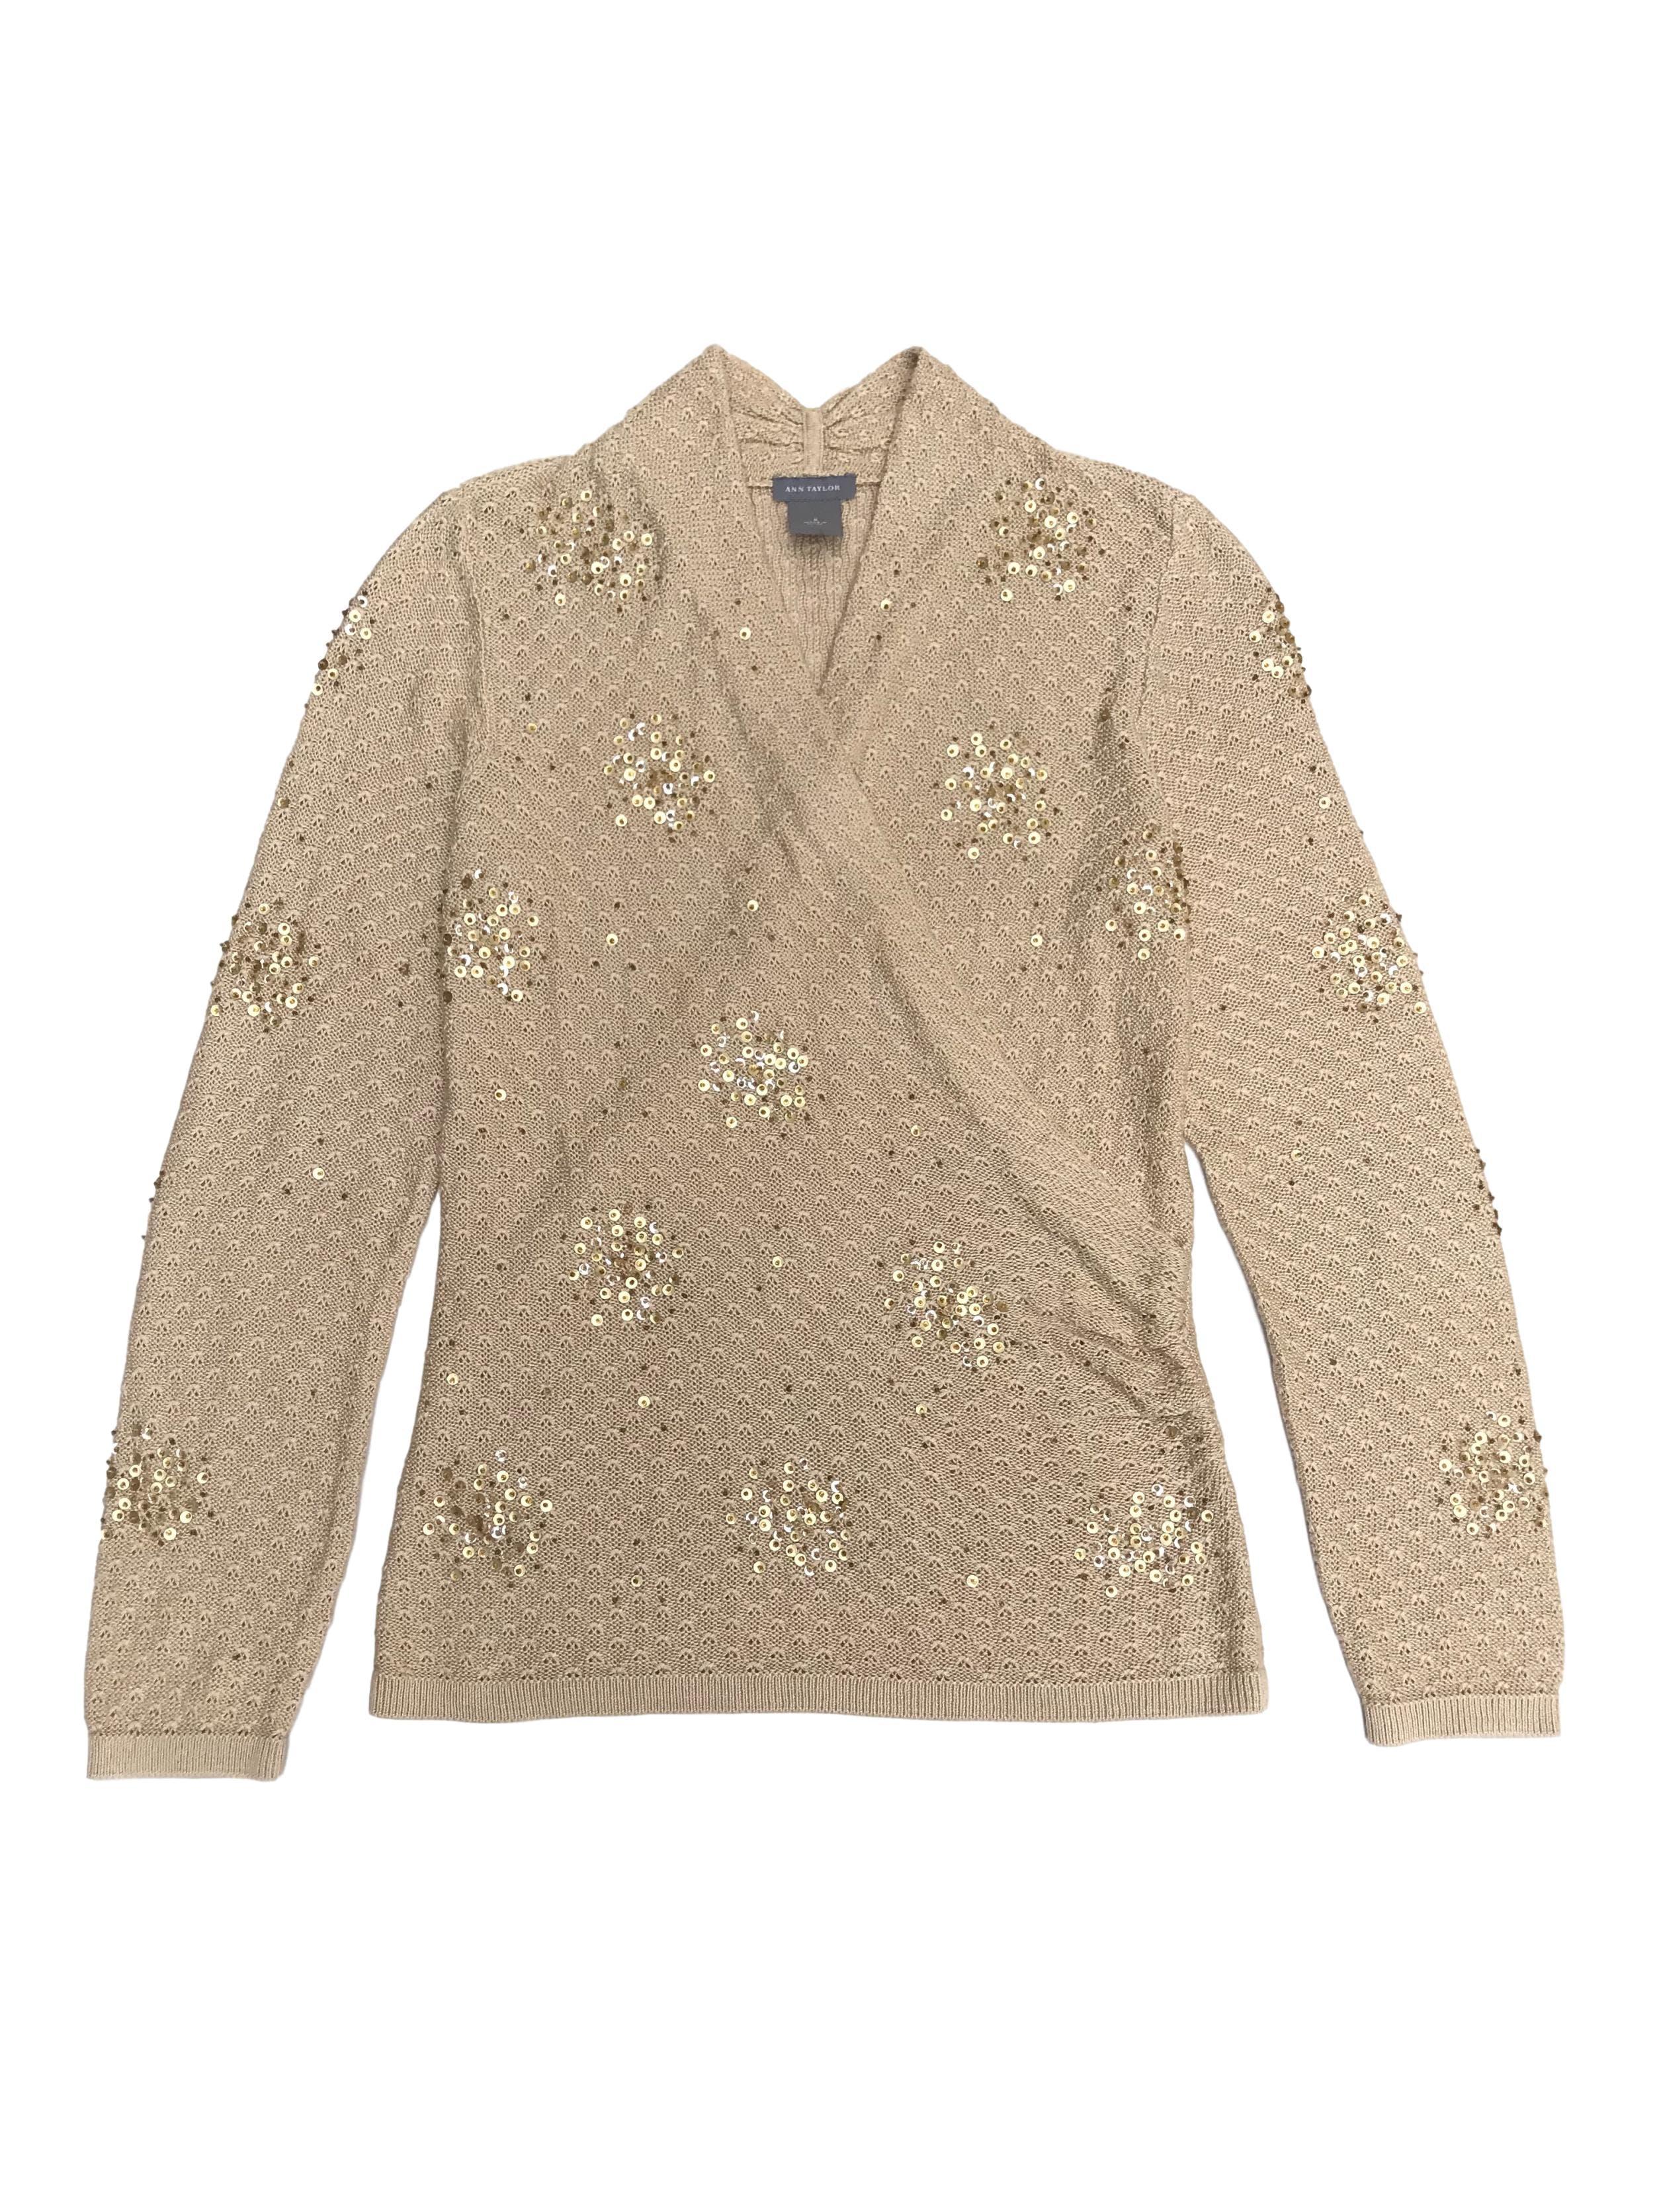 Chompita Ann Taylor beige 80% seda 20% algodón, con aplicaciones de mostacillas, delantero cruzado. Precio original S/ 380